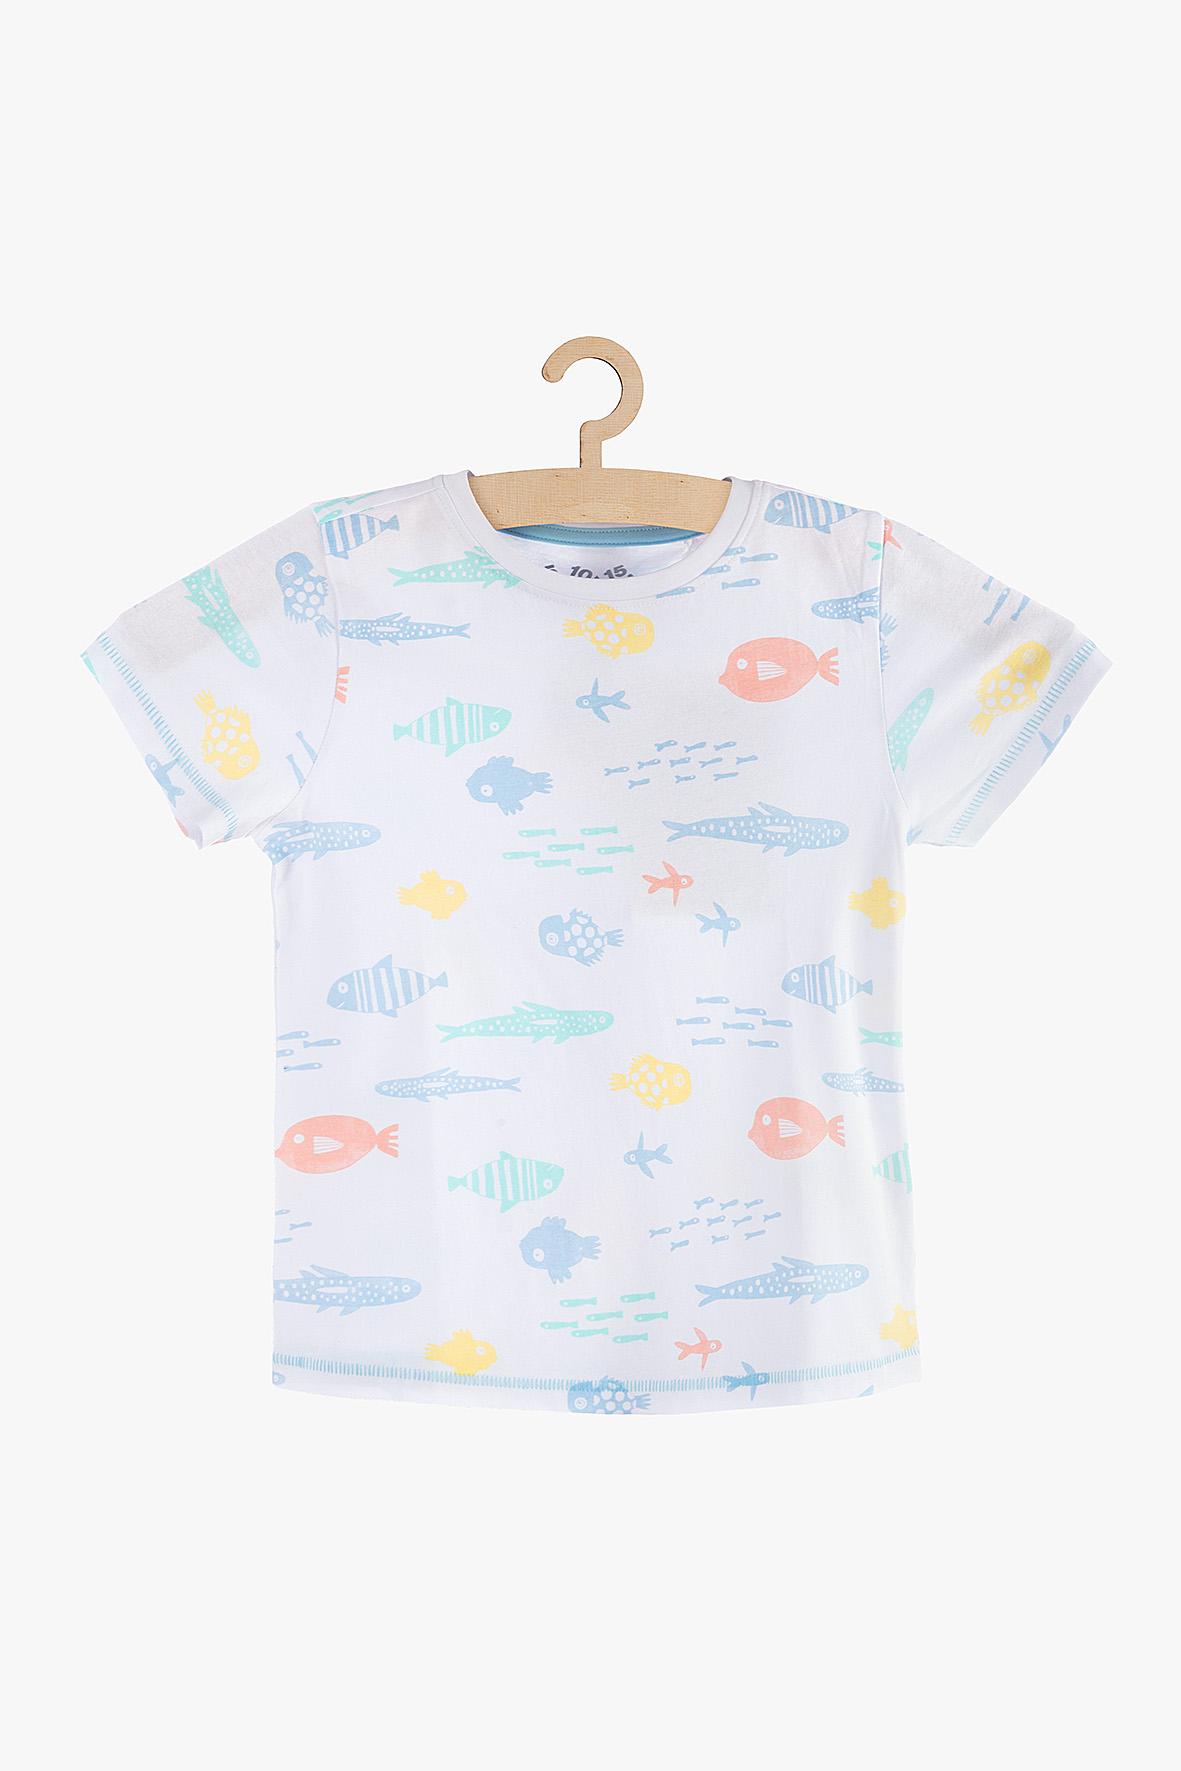 T-shirt chłopięcy biały 1I3822